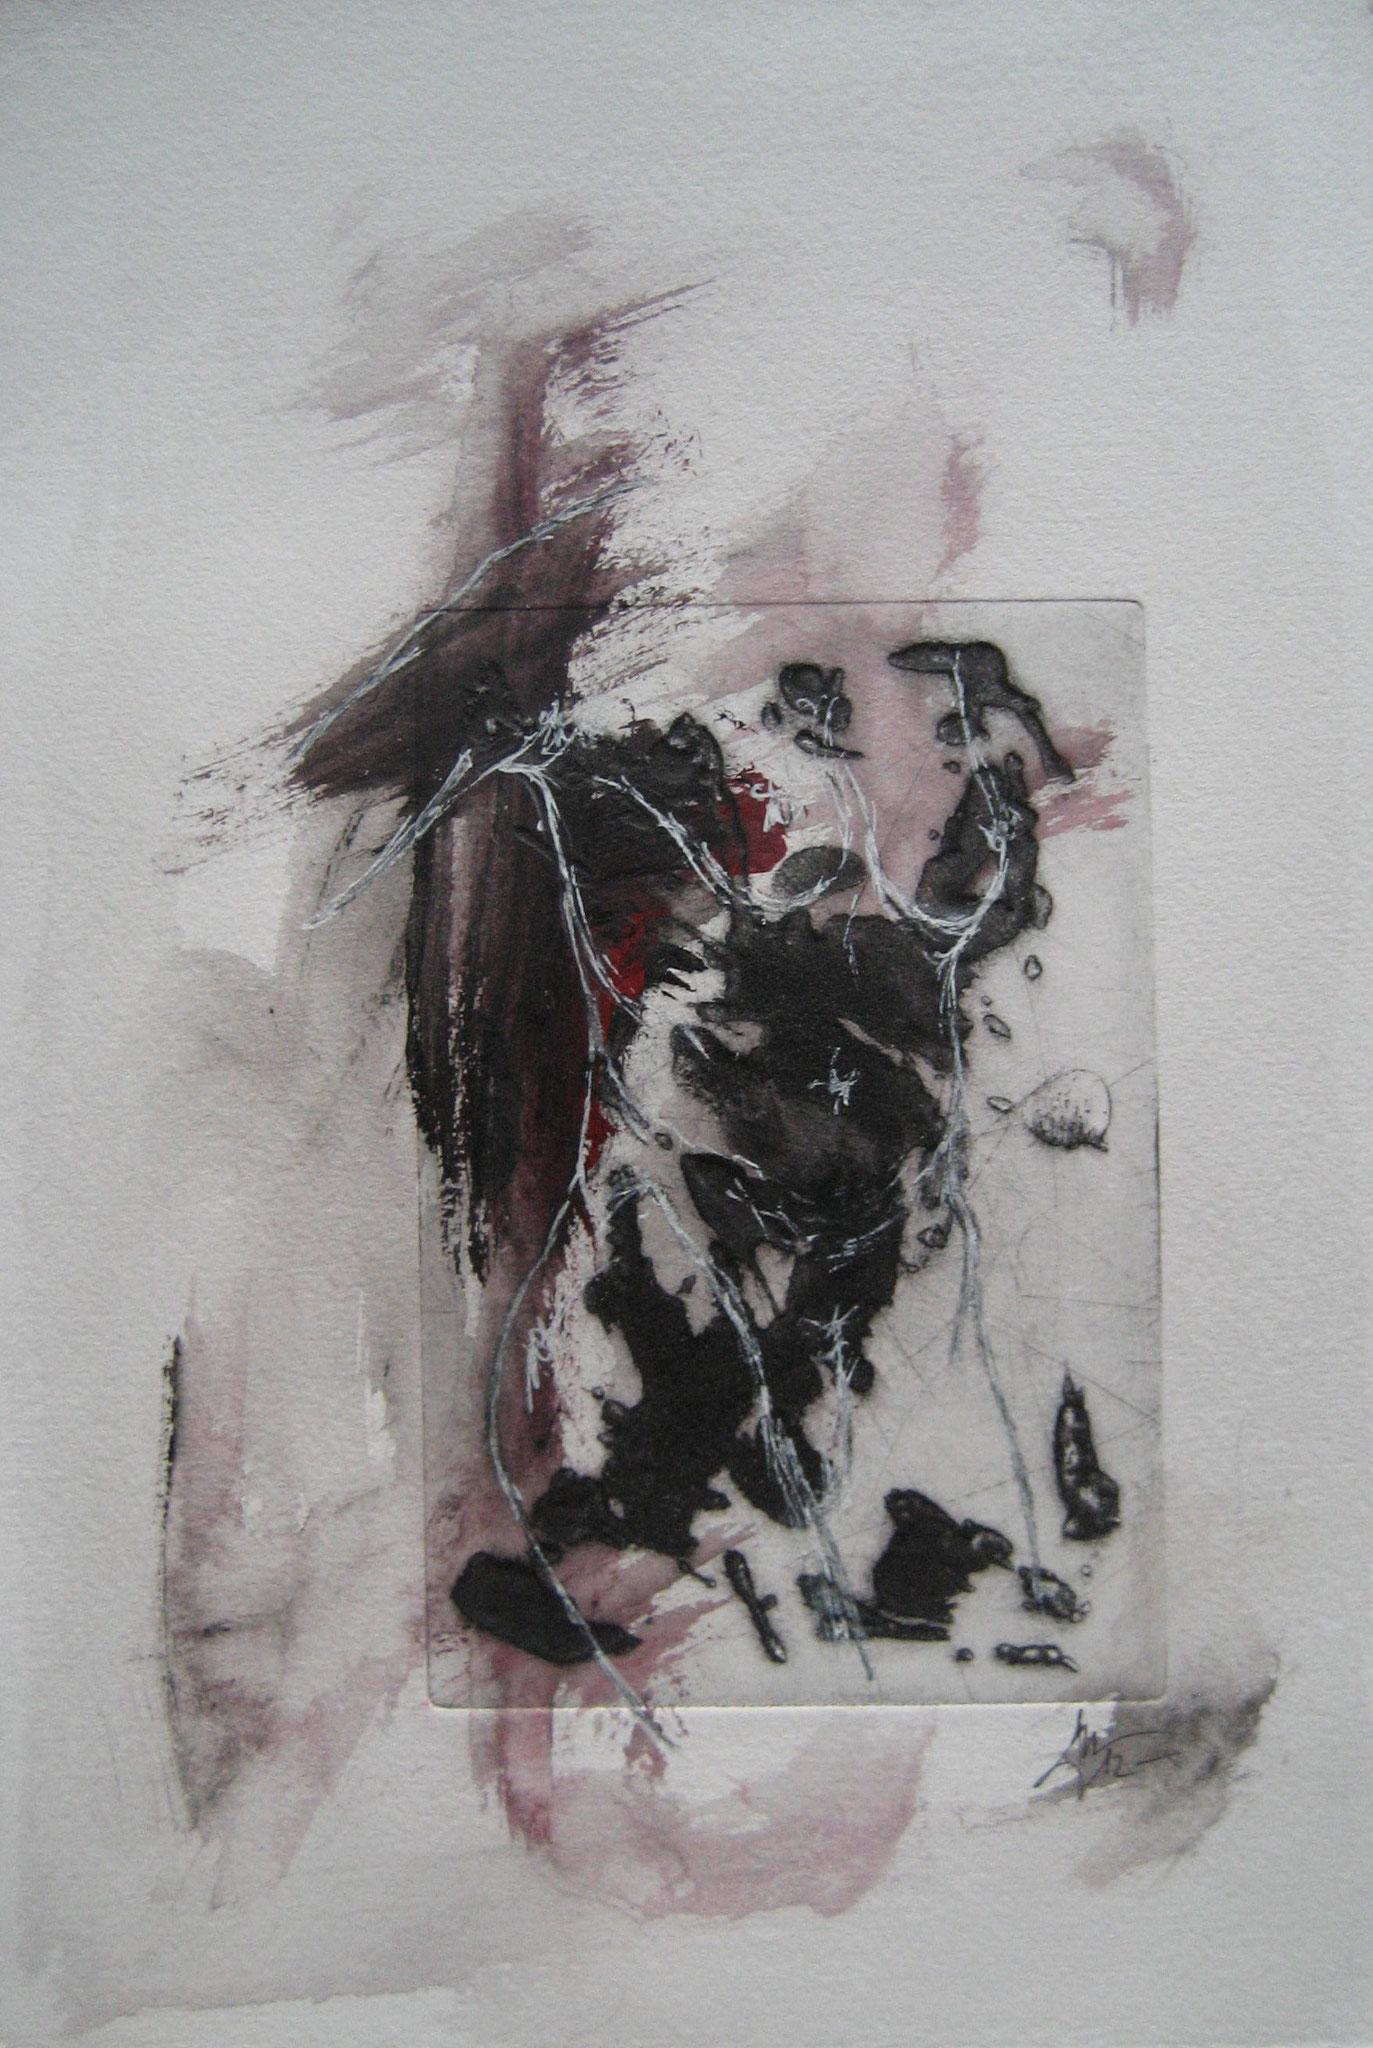 Sans titre - Pointe sèche et carborundum sur zinc, peinture acrylique et stylo - 2012